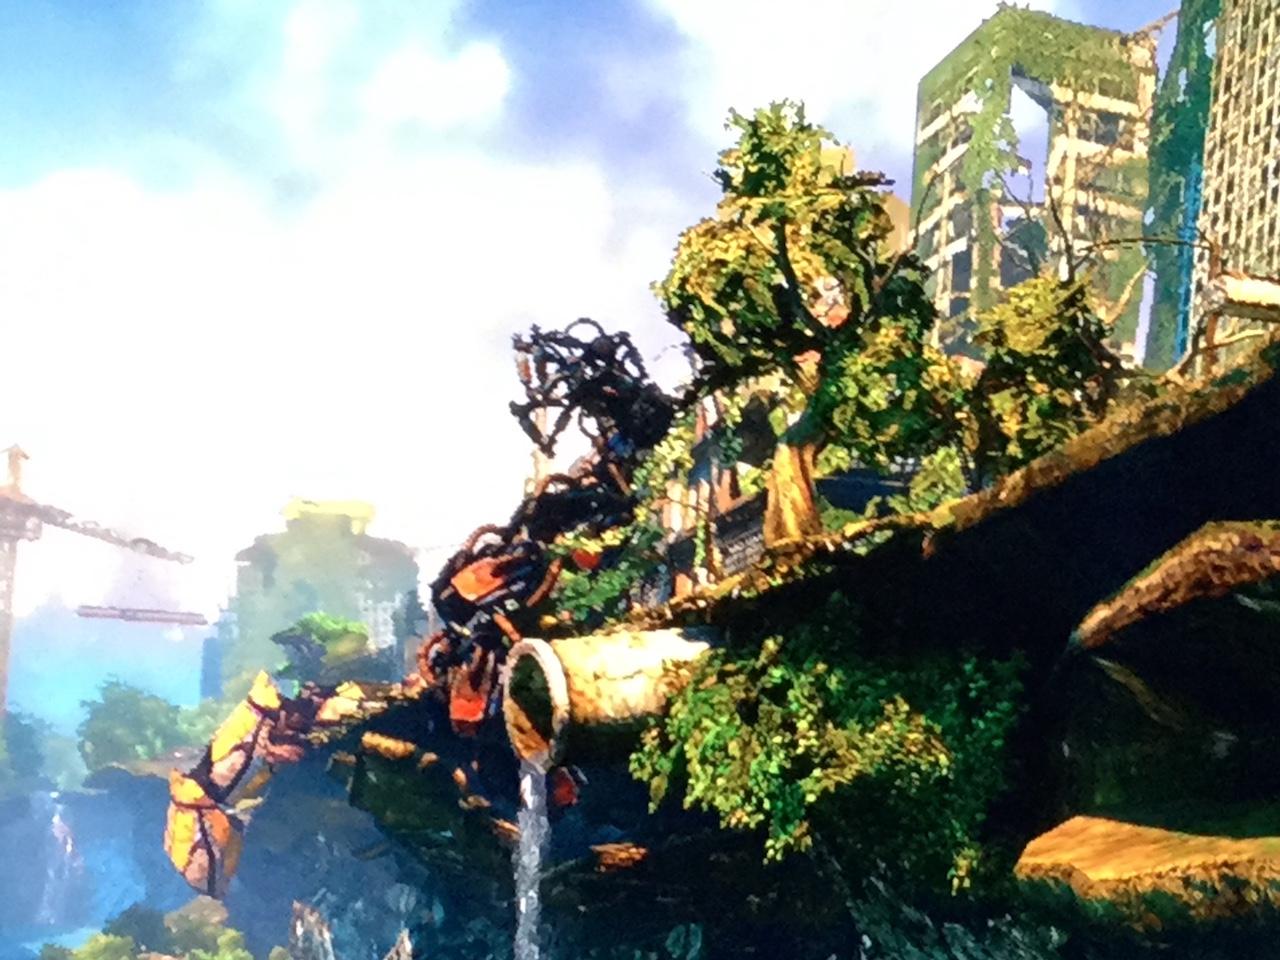 Die Natur hat sich die zerstörten Städte zurückerobert. (Bild: Lennart Koch)